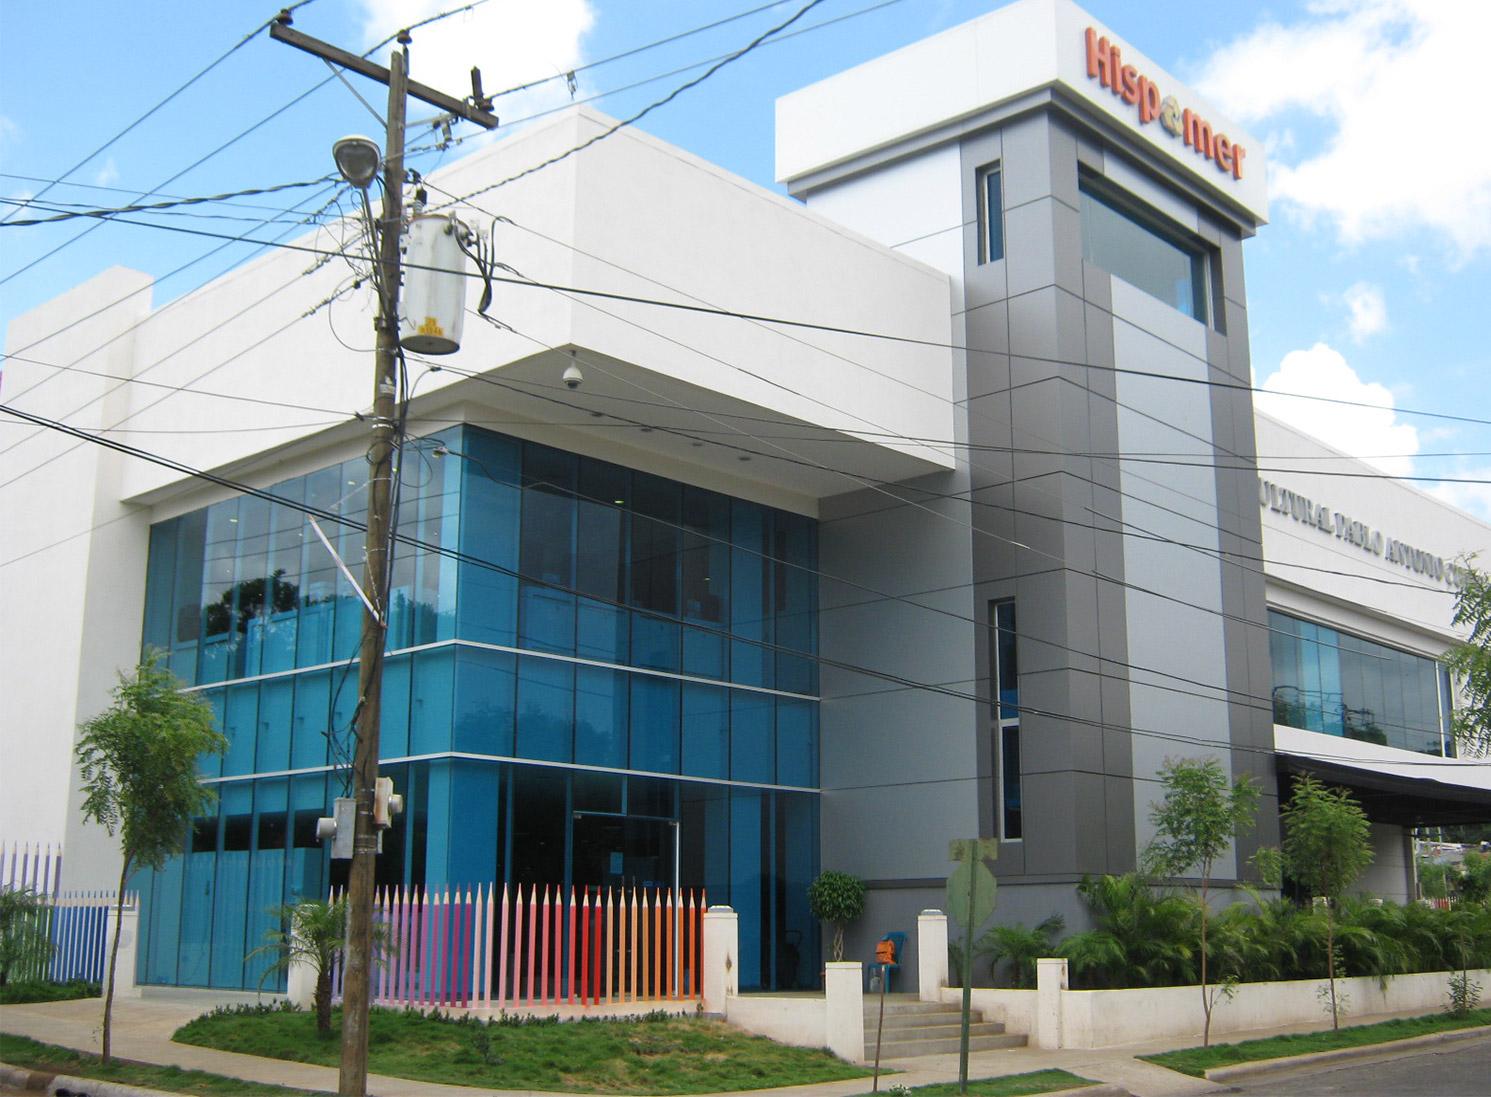 Edificio-pablo-antonio-cuadra-hispamer-emmedue-m2-1